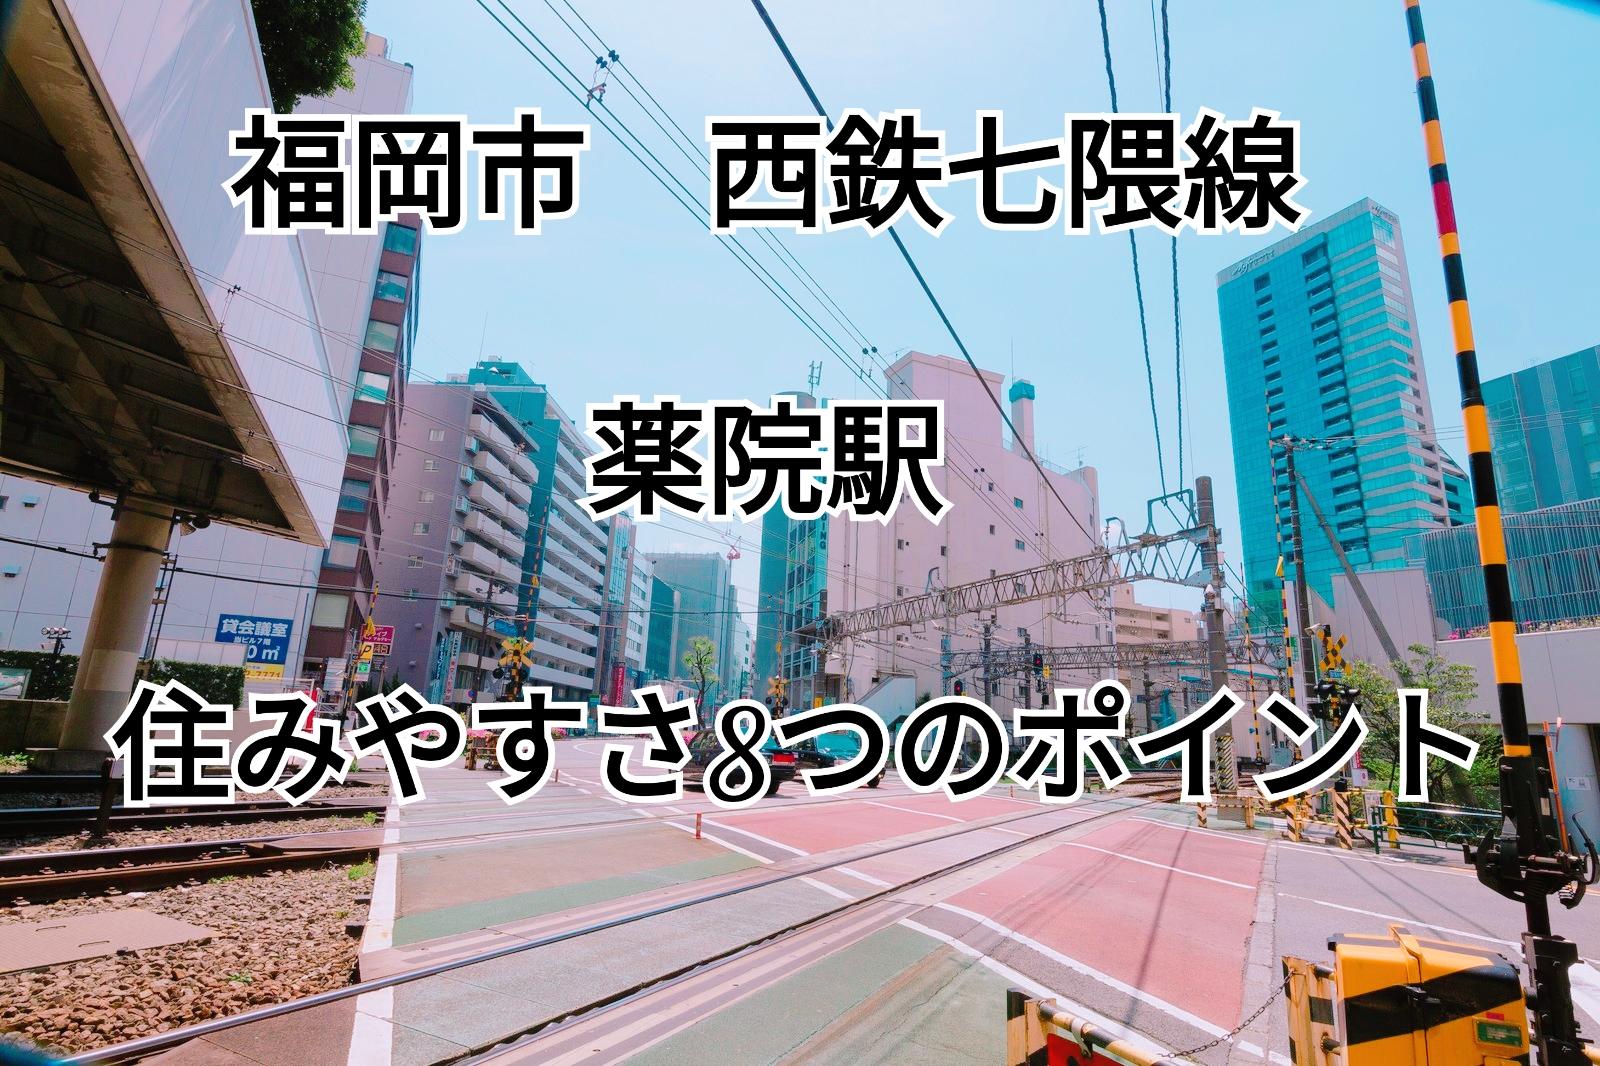 福岡 西鉄七隈線 薬院駅